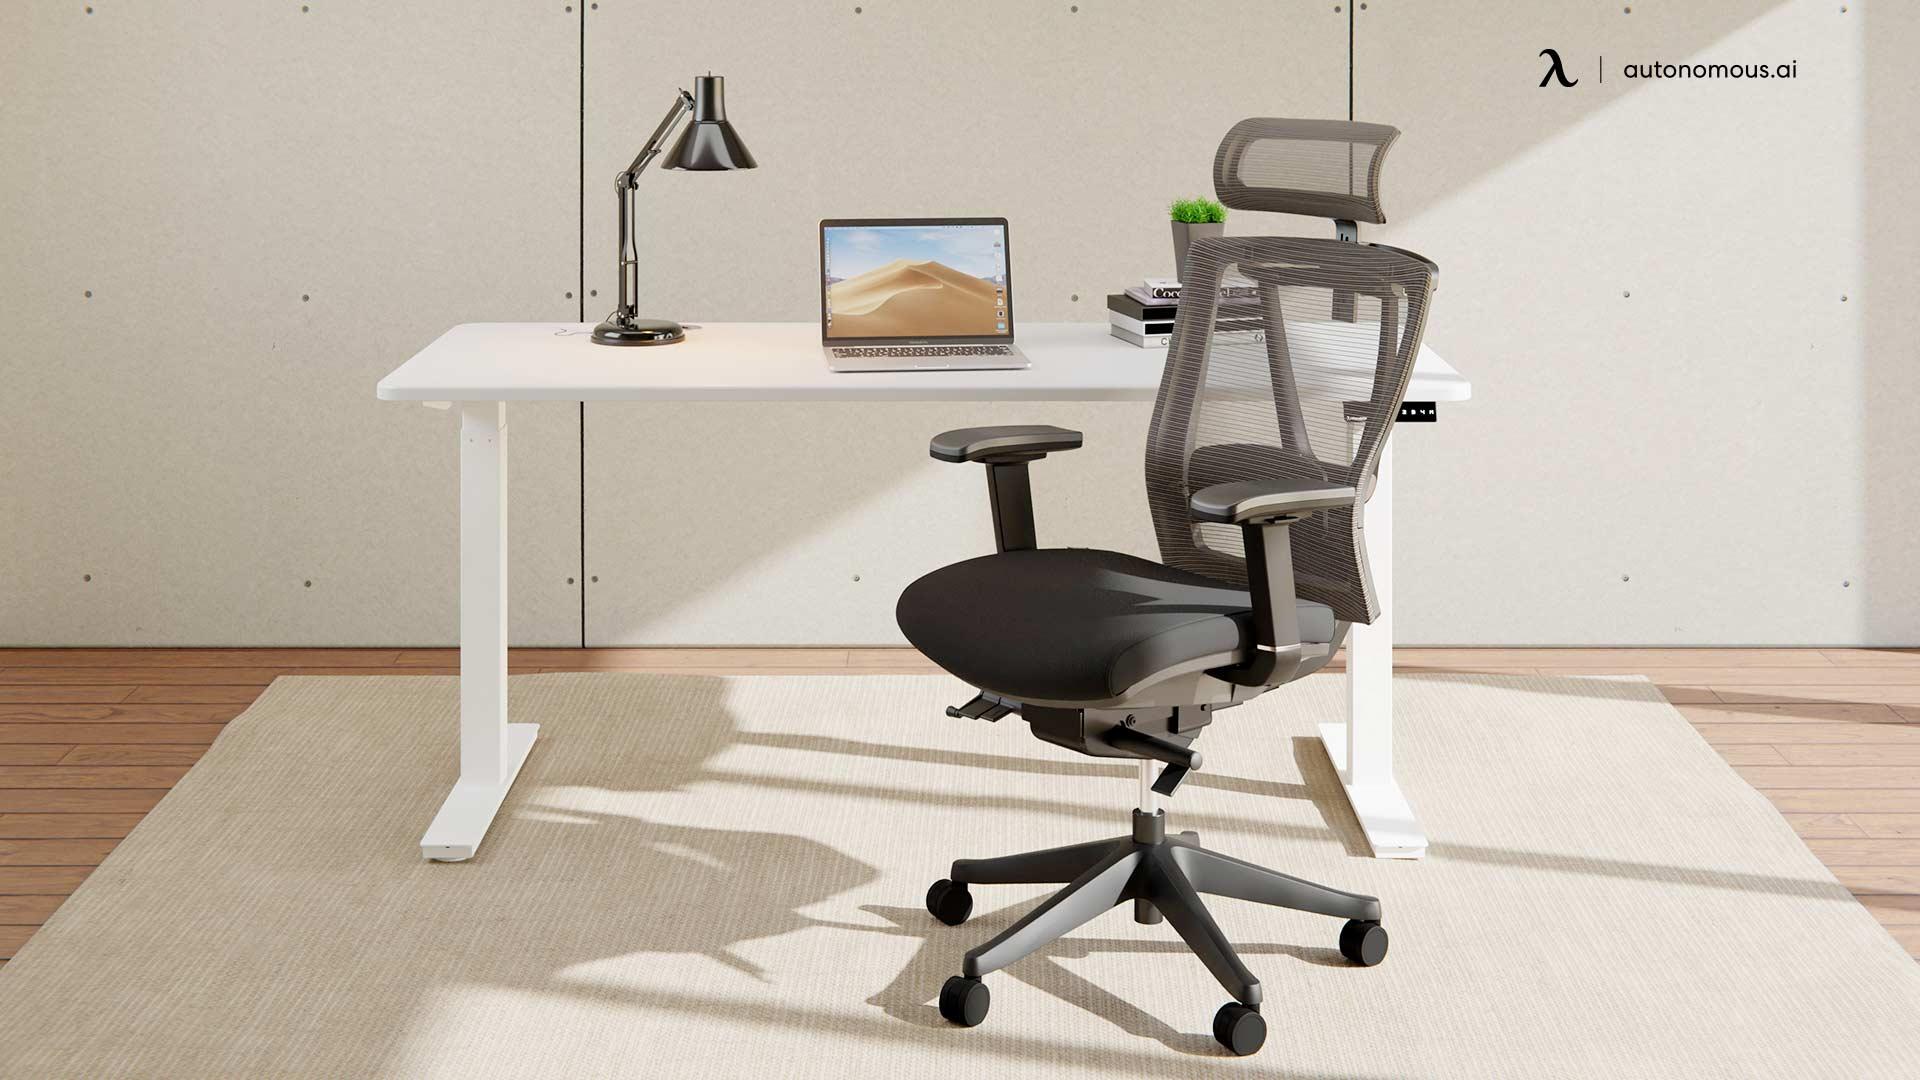 Autonomous Office Chairs